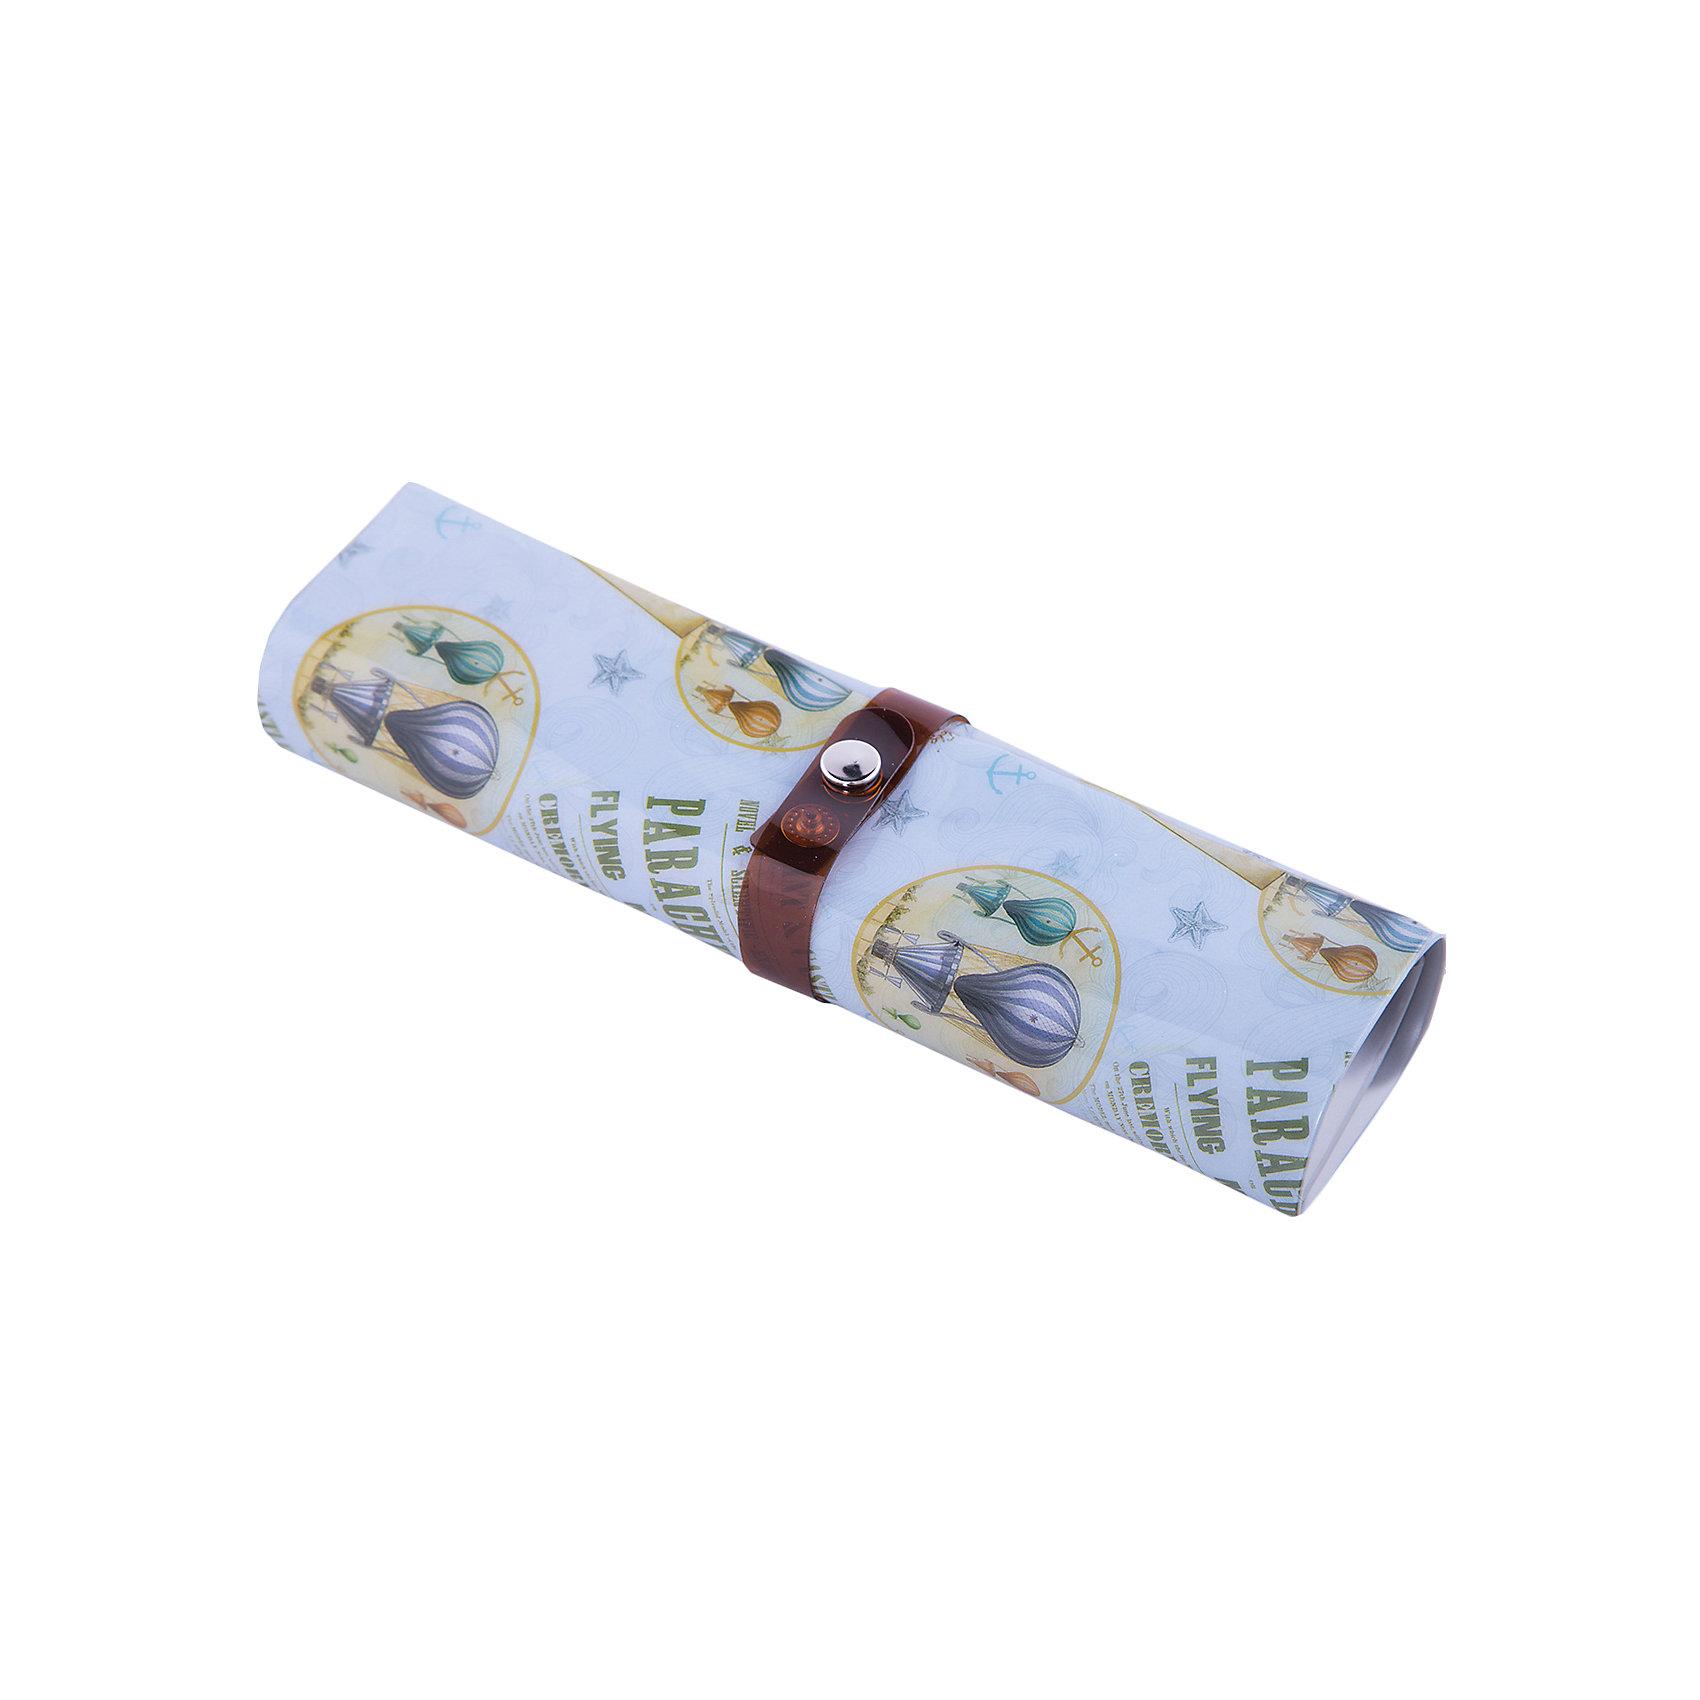 Пенал-органайзер Воздушные шары, для хранения мелких предметов, Феникс-ПрезентПеналы без наполнения<br>Пенал-органайзер Воздушные шары, для хранения мелких предметов, Феникс-Презент<br><br>Характеристики:<br><br>• подходит для канцелярских принадлежностей и мелких предметов<br>• застегивается на кнопку<br>• 6 узких и 3 широких держателя<br>• 5 кармашков<br>• оформлен ярким рисунком<br>• размер в разложенном виде: 25х20 см<br>• размер в собранном виде: 20х5,5х2,5 см<br>• материал: ПВХ, металл<br><br>Пенал Воздушные шары предназначен для хранения канцелярских принадлежностей или мелких предметов. Внутри расположены держатели ( 6 узких и 3 широких) и пять кармашков. Пенал застегивается на кнопку. Наружная сторона оформлена ярким рисунком с изображением воздушных шаров.<br><br>Пенал-органайзер Воздушные шары, для хранения мелких предметов, Феникс-Презент можно купить в нашем интернет-магазине.<br><br>Ширина мм: 210<br>Глубина мм: 50<br>Высота мм: 50<br>Вес г: 79<br>Возраст от месяцев: 36<br>Возраст до месяцев: 2147483647<br>Пол: Унисекс<br>Возраст: Детский<br>SKU: 5449722